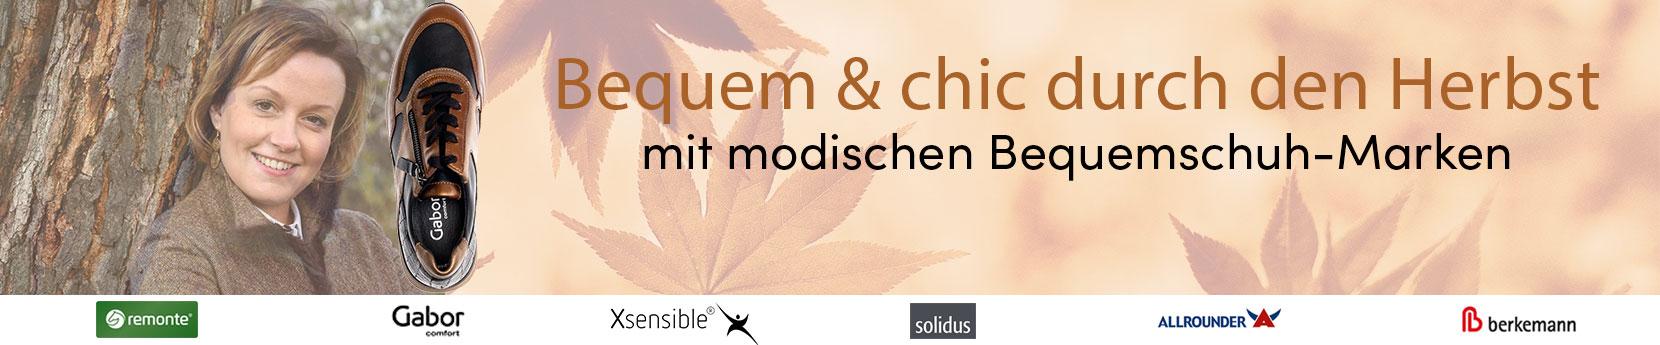 Keyvisual Bequemschuhe: Bequem & chic durch den Herbst mit modischen Bequemschuh-Marken